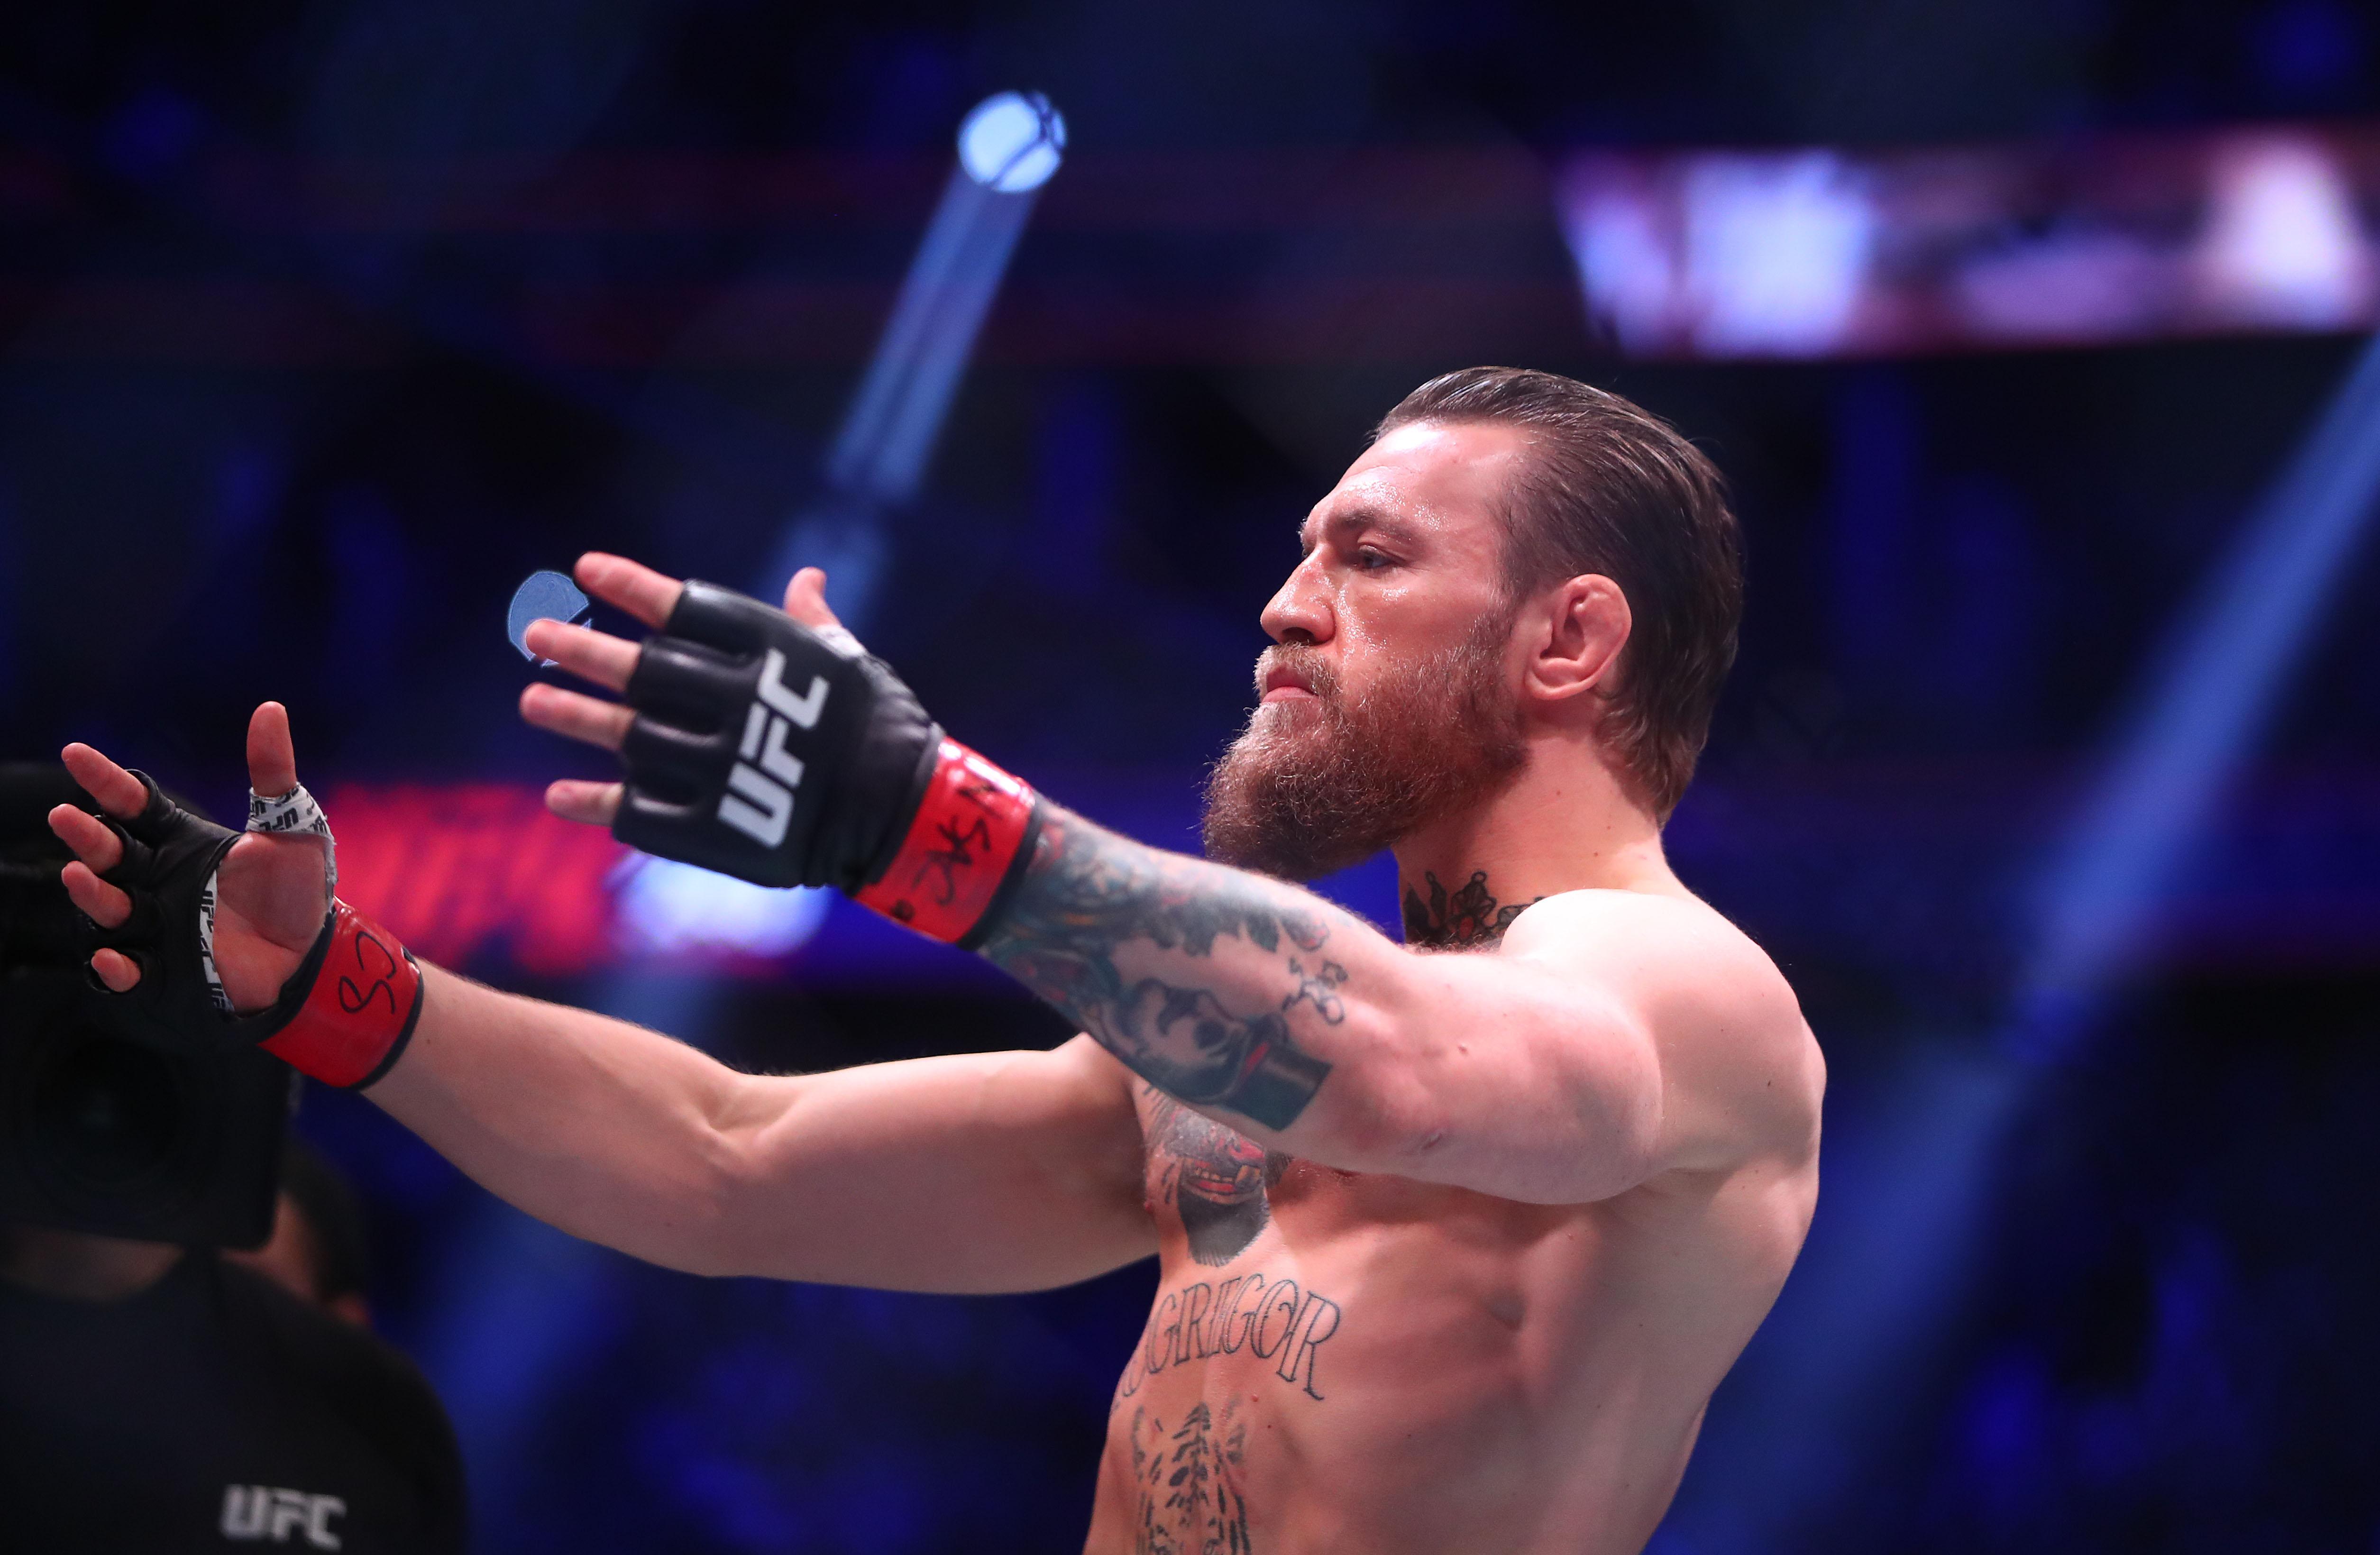 MMA: UFC 246-McGregor vs Cerrone